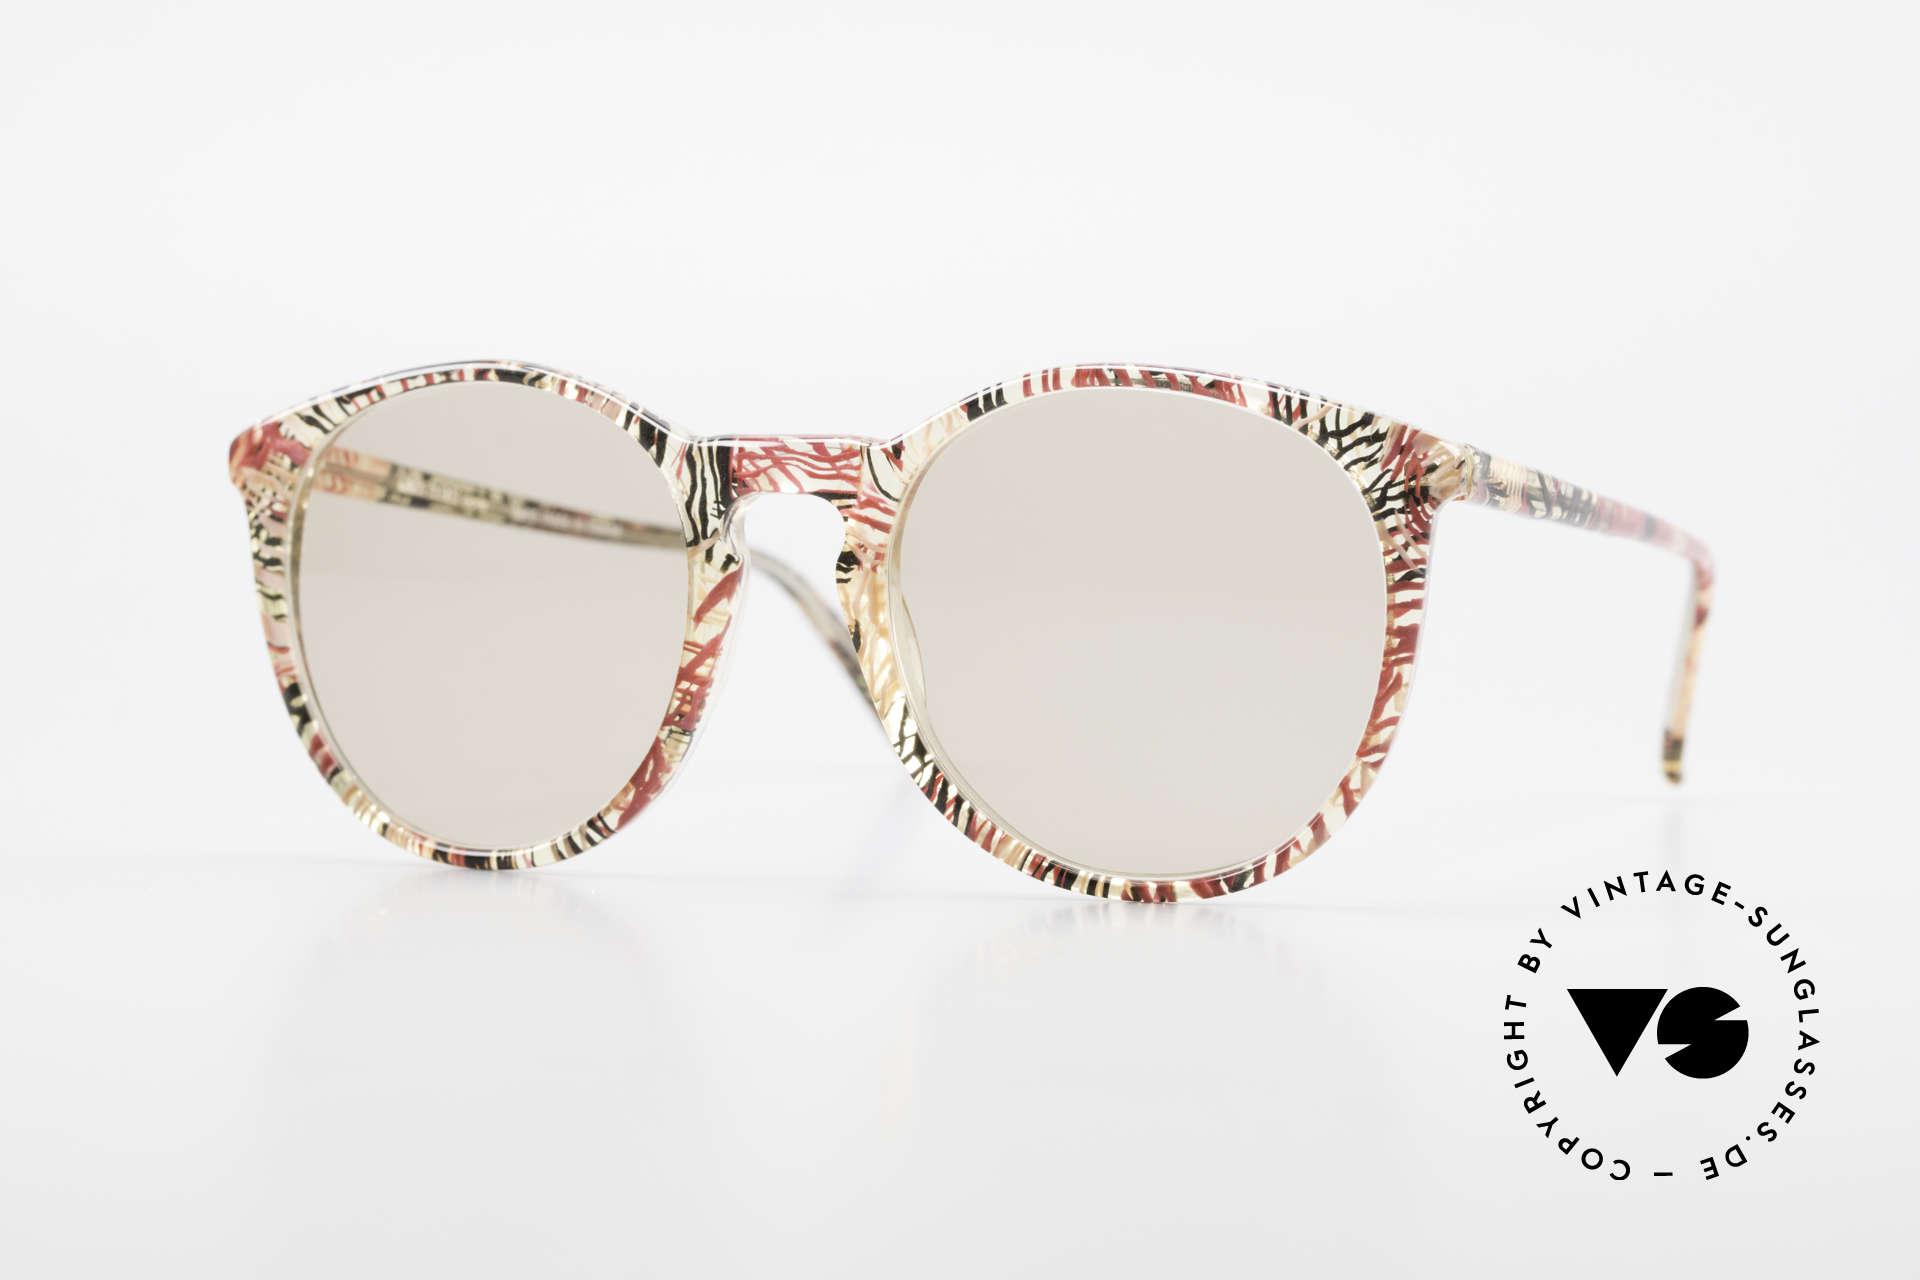 Alain Mikli 901 / 770 Panto Frame Crystal Patterned, elegant VINTAGE Alain Mikli designer sunglasses, Made for Men and Women